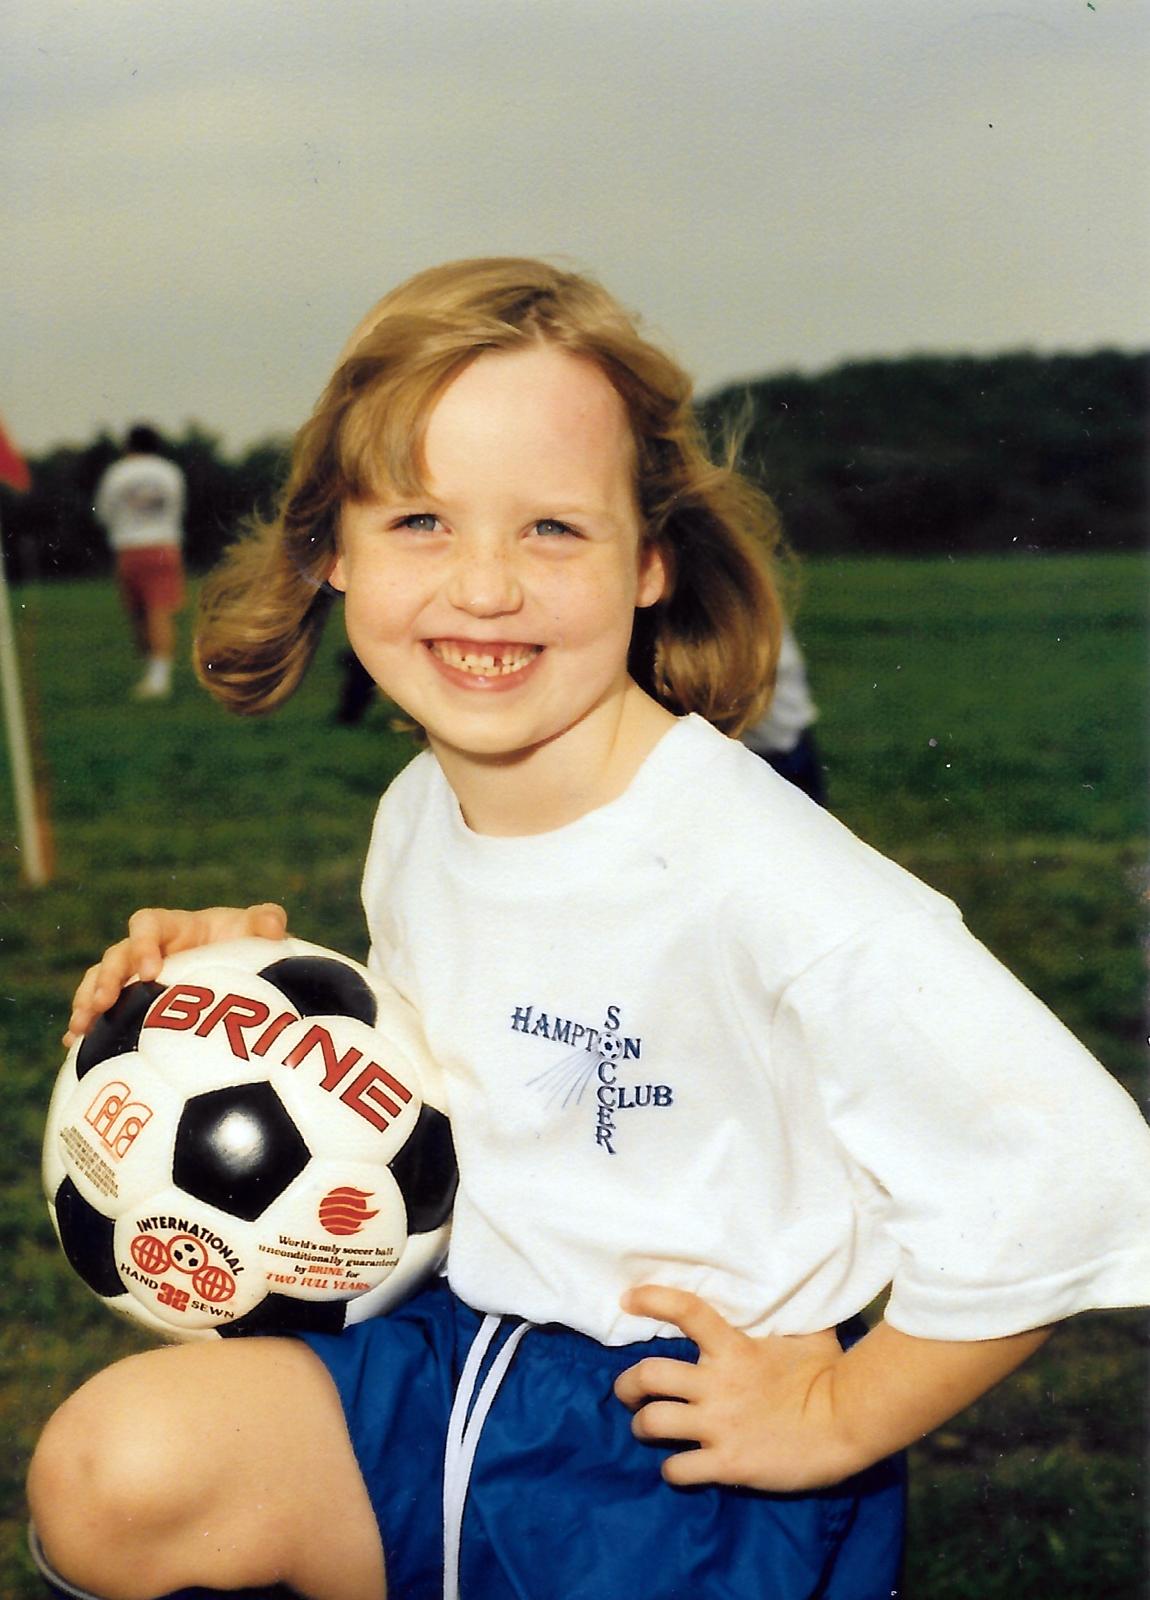 SoccerQueen1994